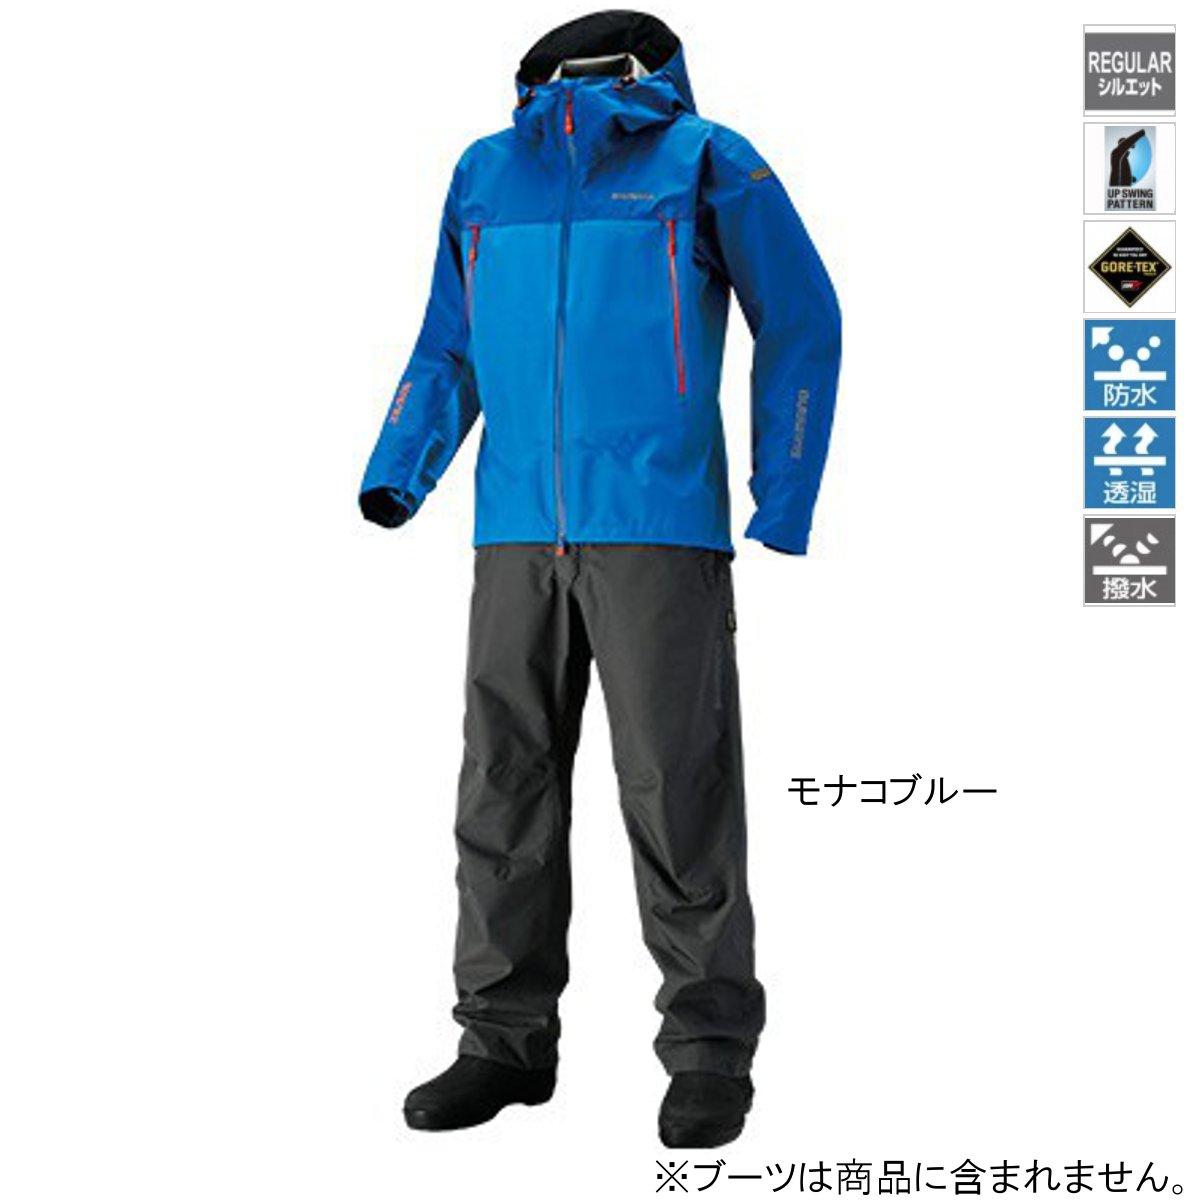 シマノ GORE-TEX ベーシックスーツ RA-017R M モナコブルー(東日本店)